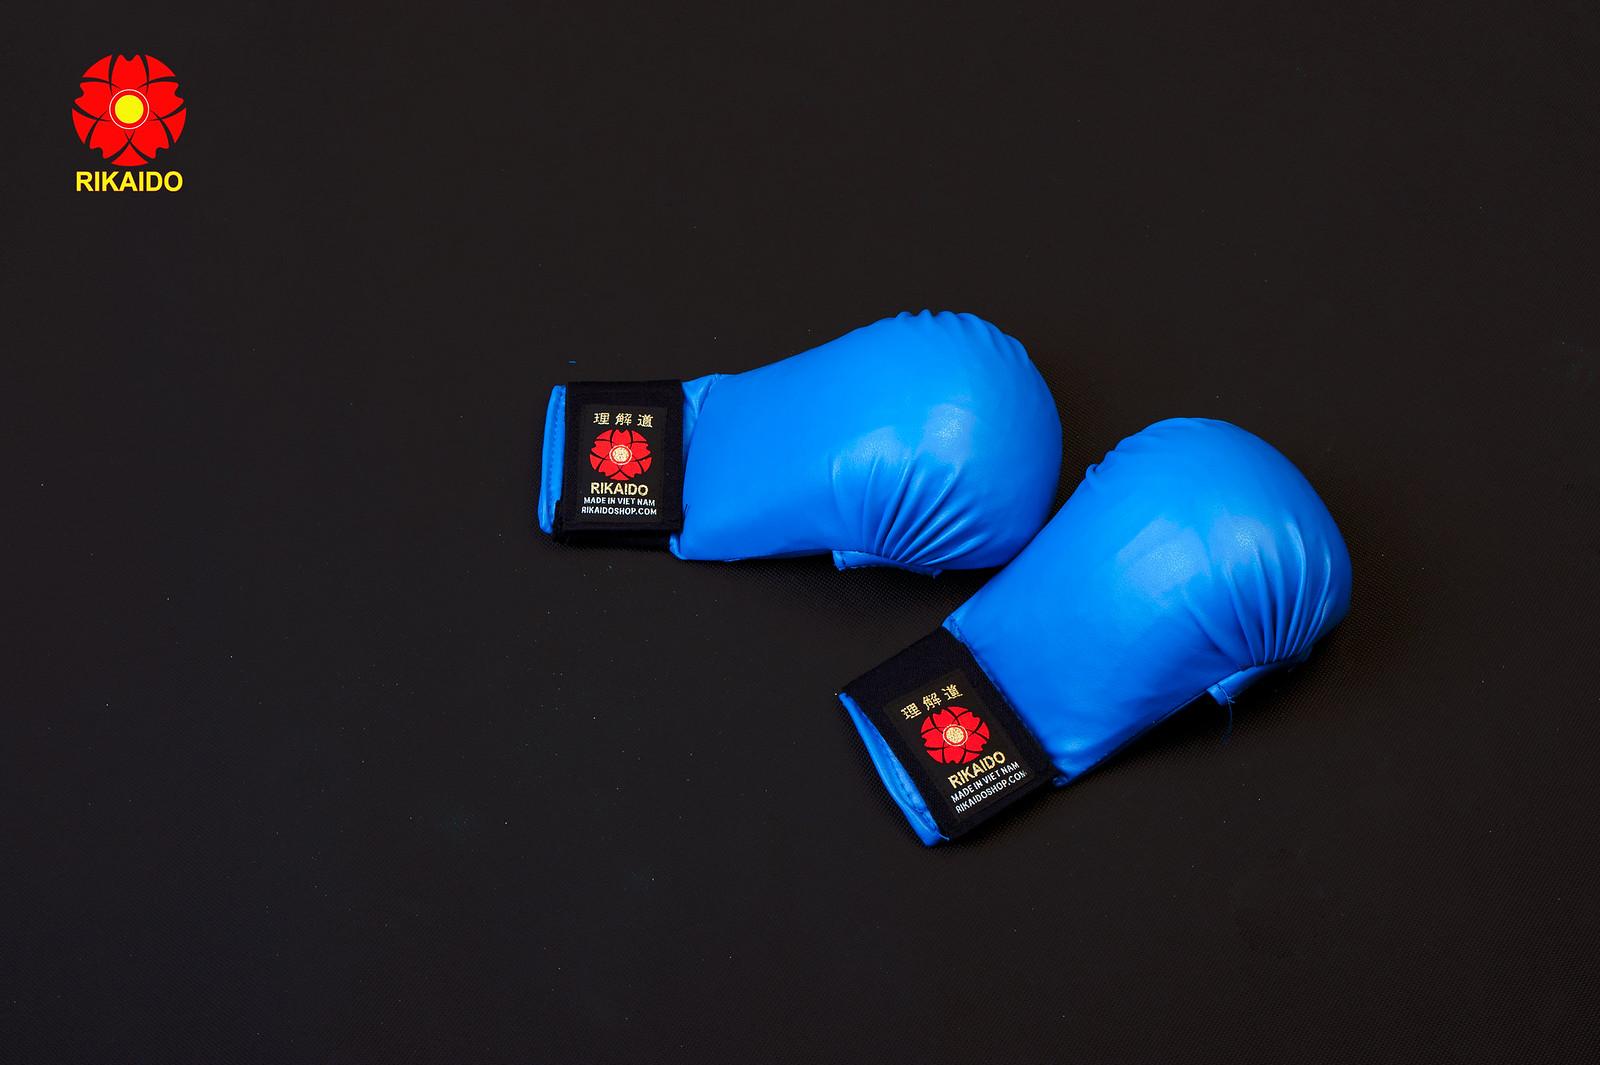 43382293104 6254cb71f2 h - Ảnh nghệ thuật karate chụp trong studio